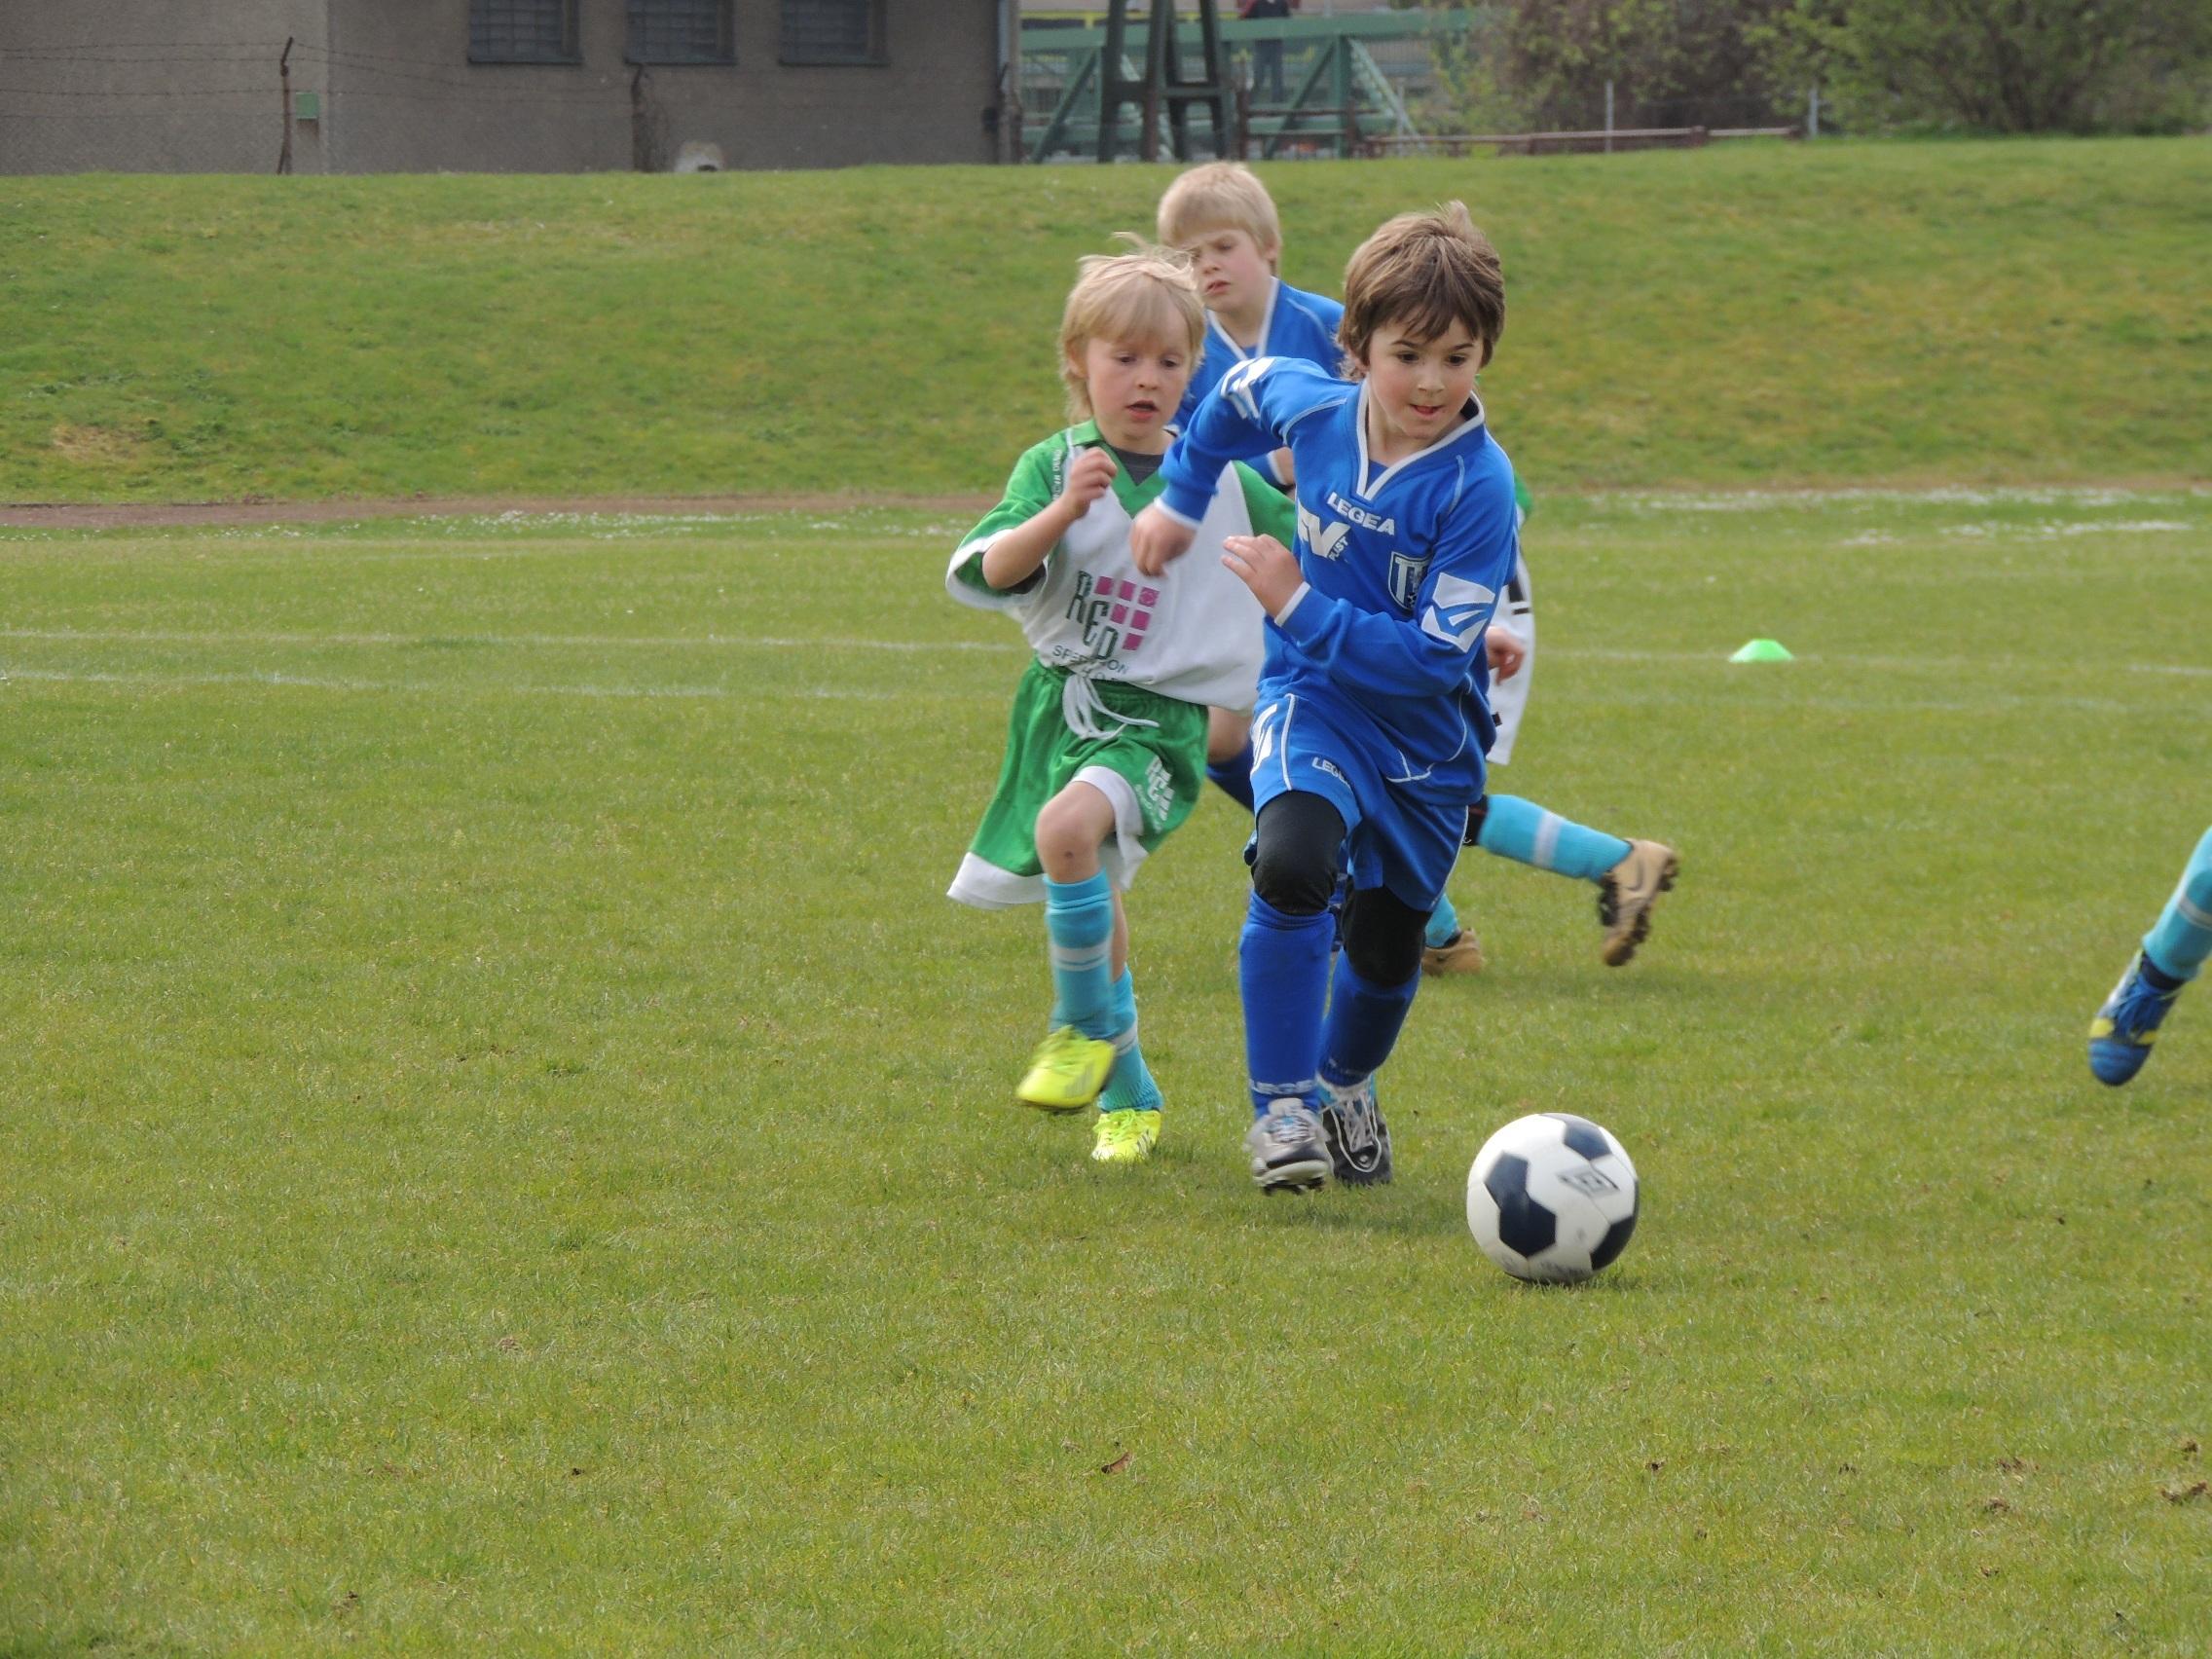 Fotos Gratis Juego Jugar Ninos Deportes Partido Torneo